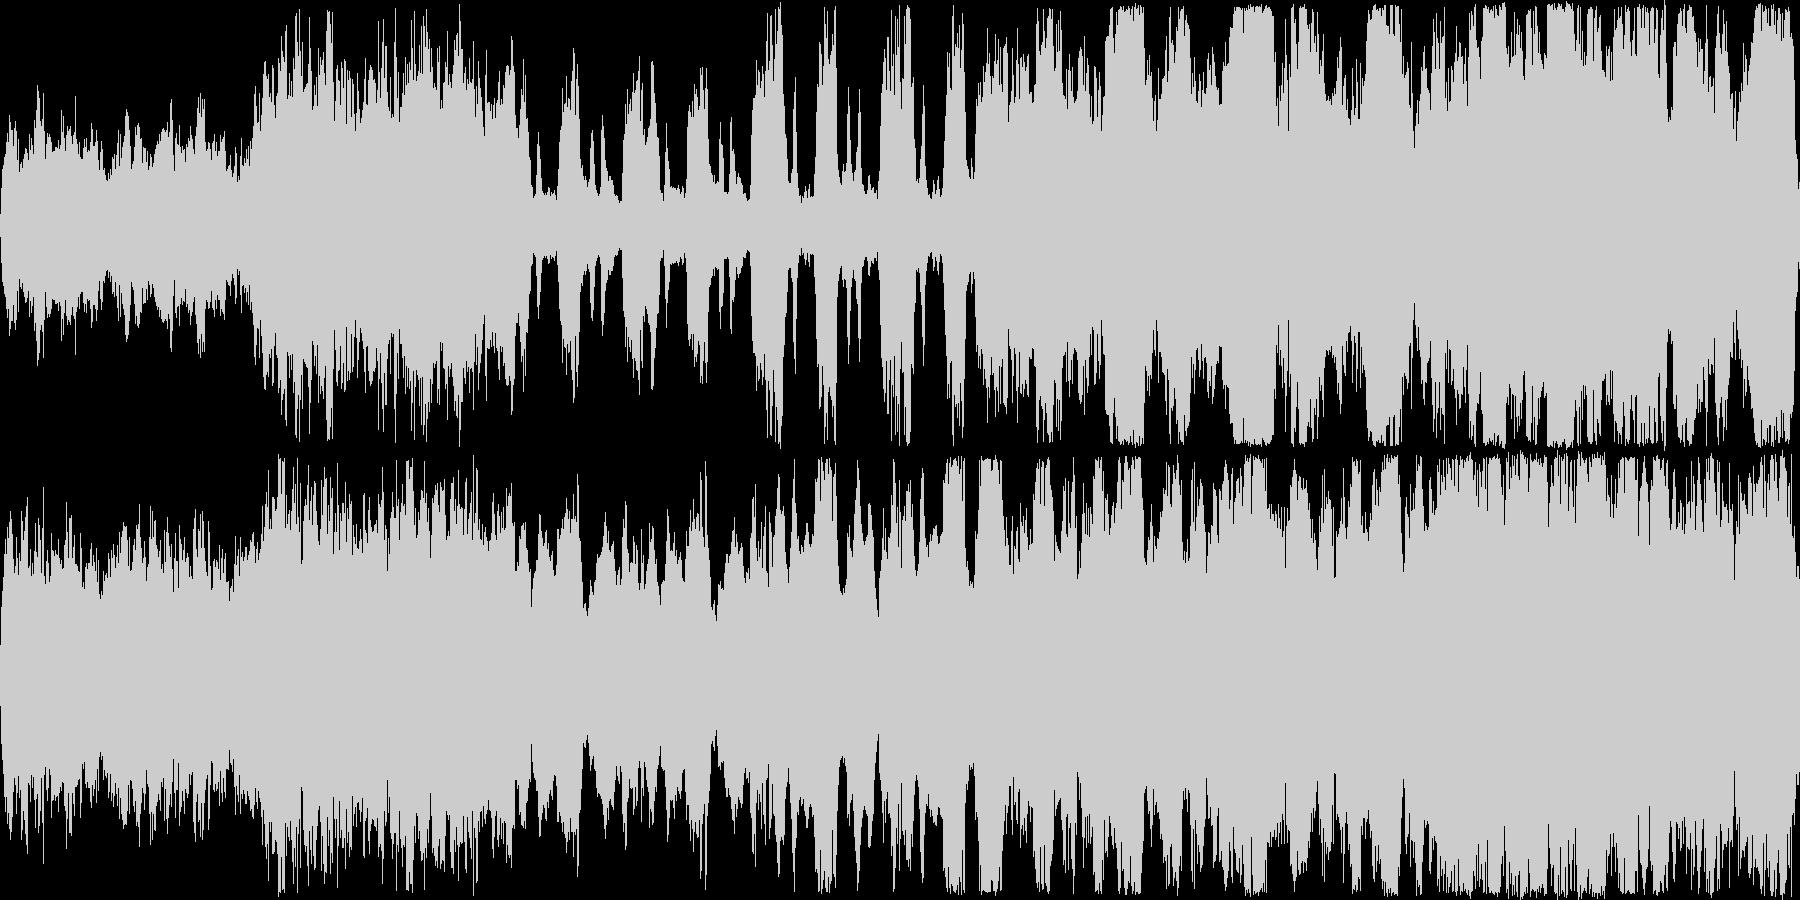 ファンタジー風のオーケストラ&ボーカル…の未再生の波形